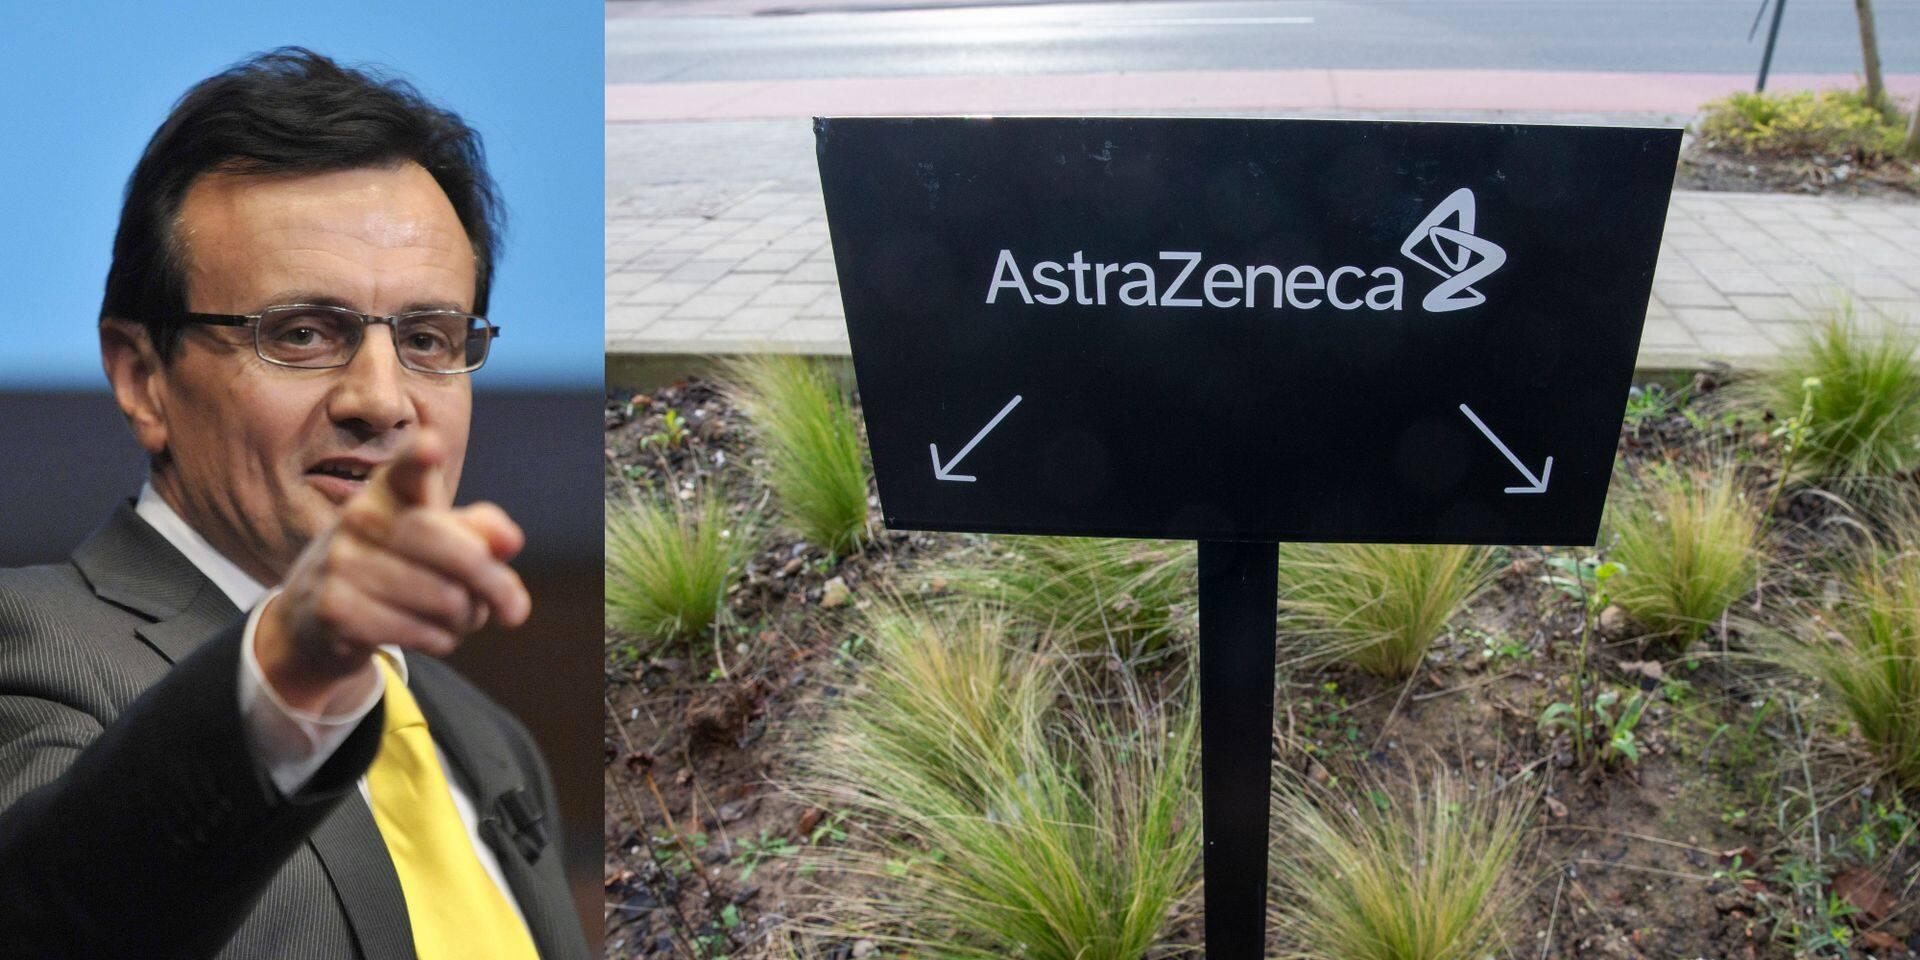 AstraZeneca prend-il des vaccins aux Européens pour les vendre ailleurs? Son PDG répond aux critiques